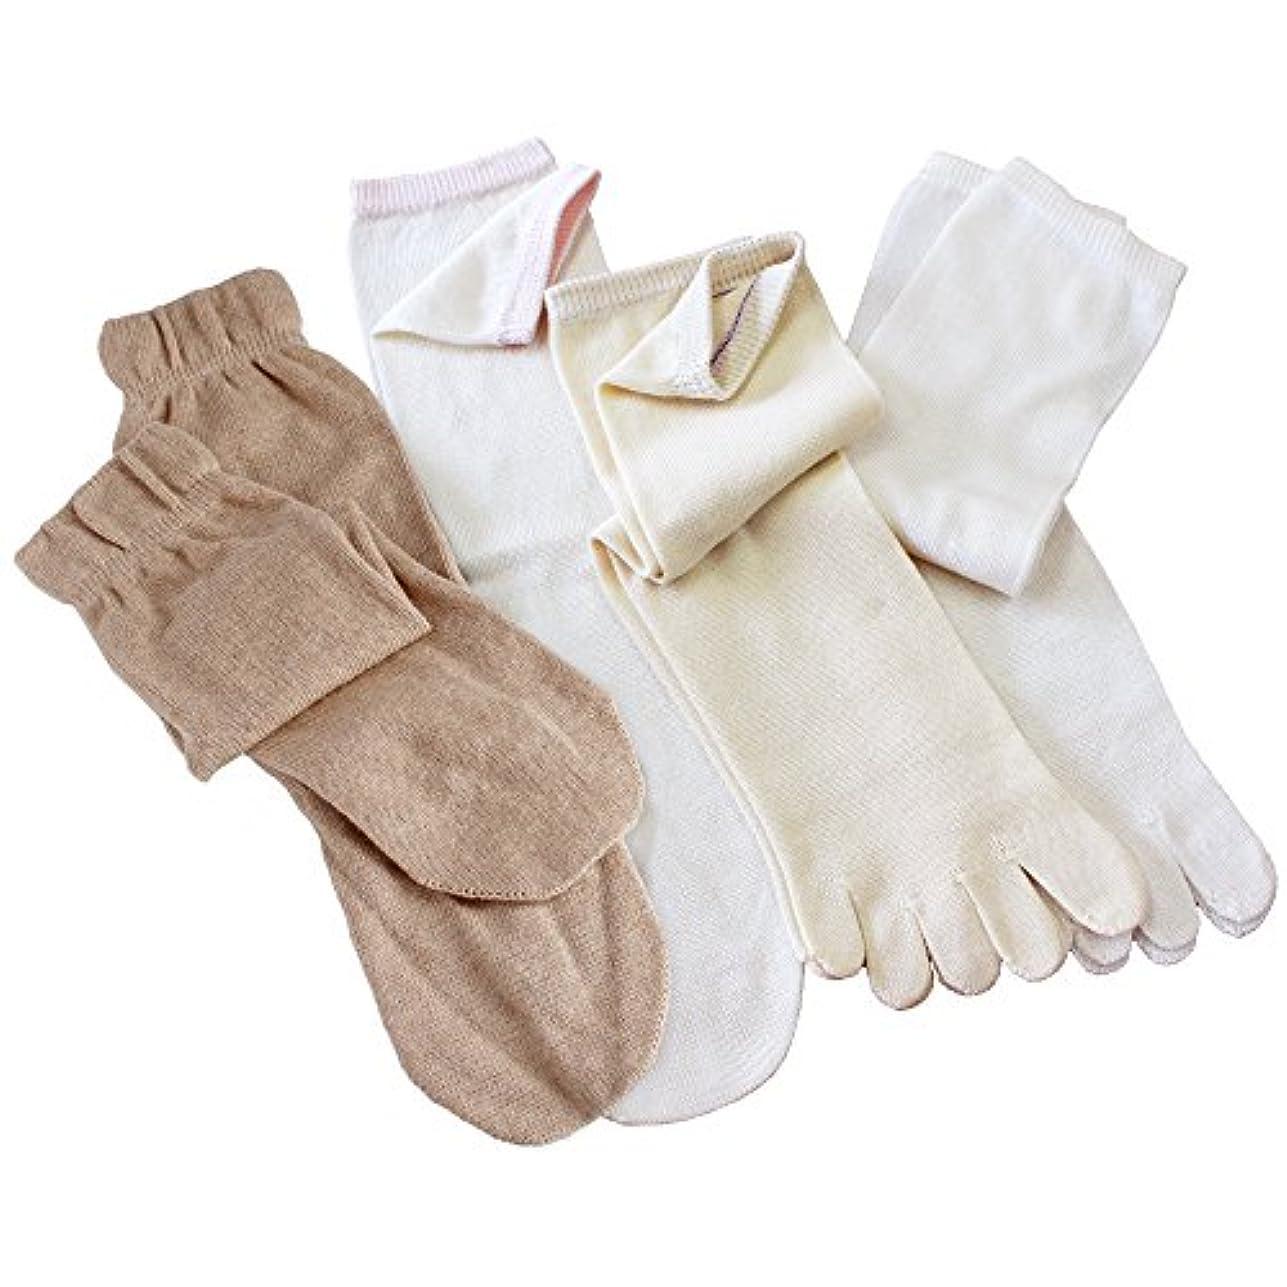 抵抗力があるスリムグリーンランドhiorie(ヒオリエ) 日本製 冷えとり靴下 シルク&コットン 5本指ソックス(重ねばき専用 4足セット) 正絹 綿